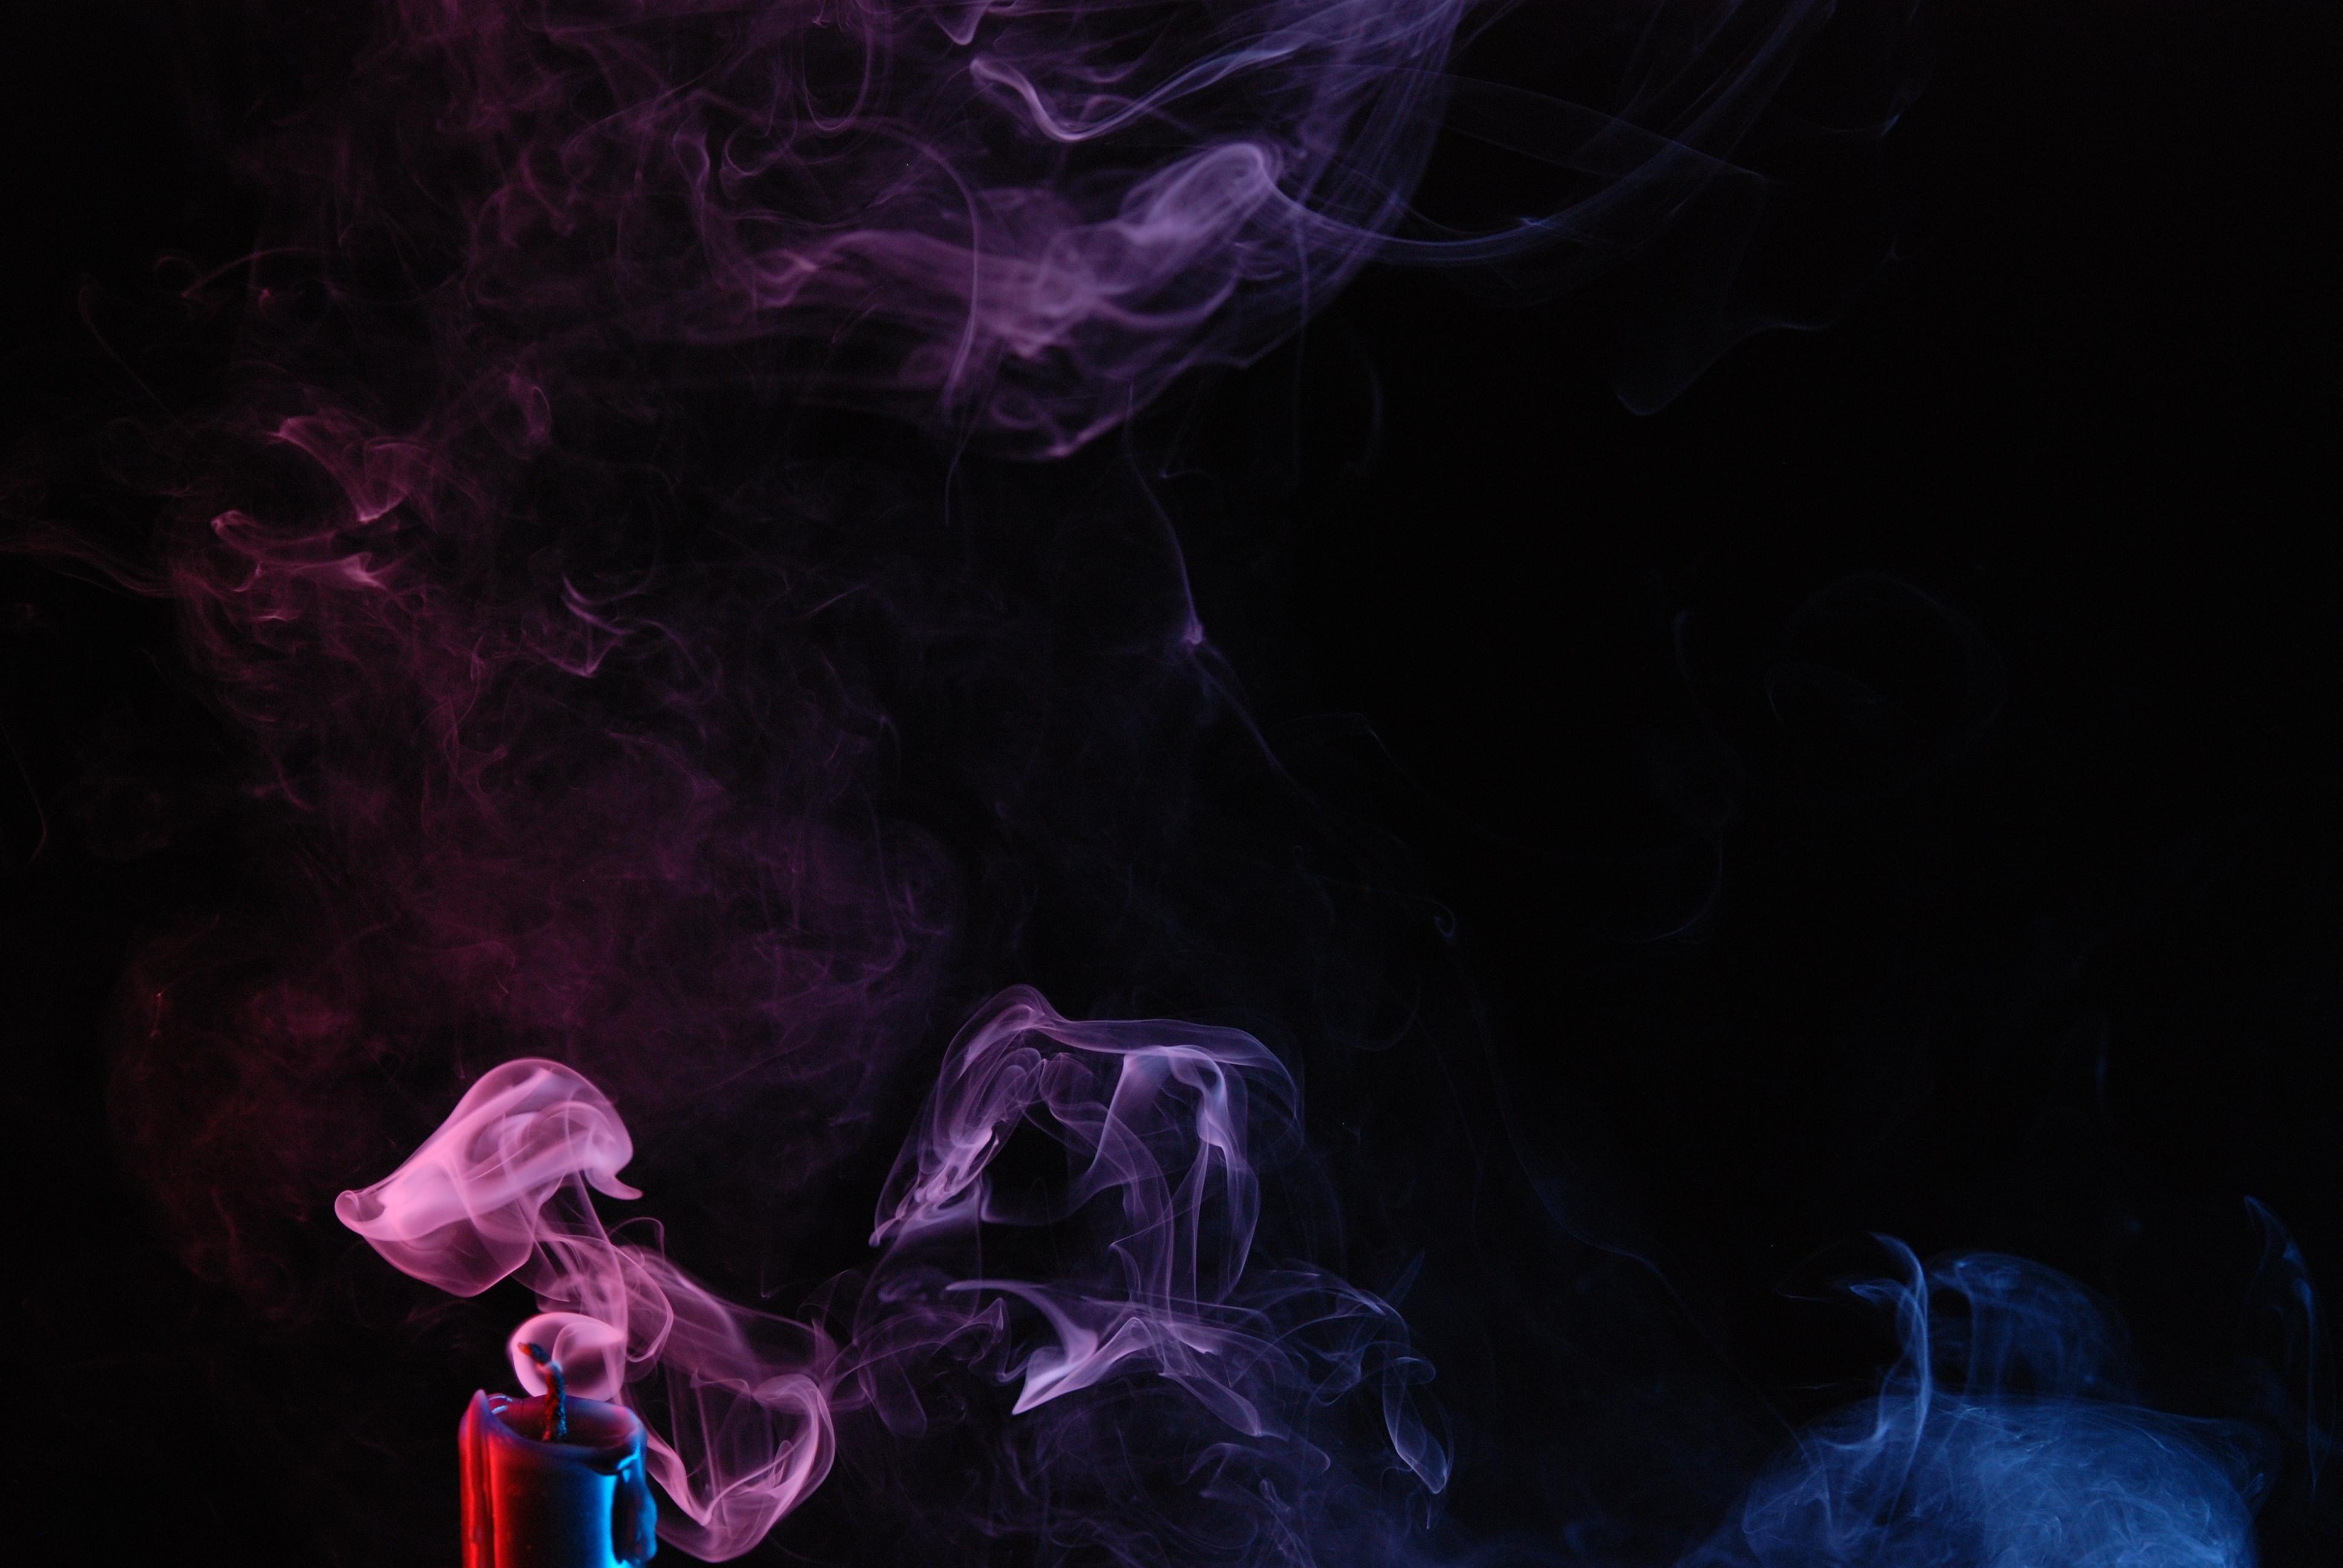 134618 скачать обои Темные, Свеча, Цветной Дым, Дым - заставки и картинки бесплатно